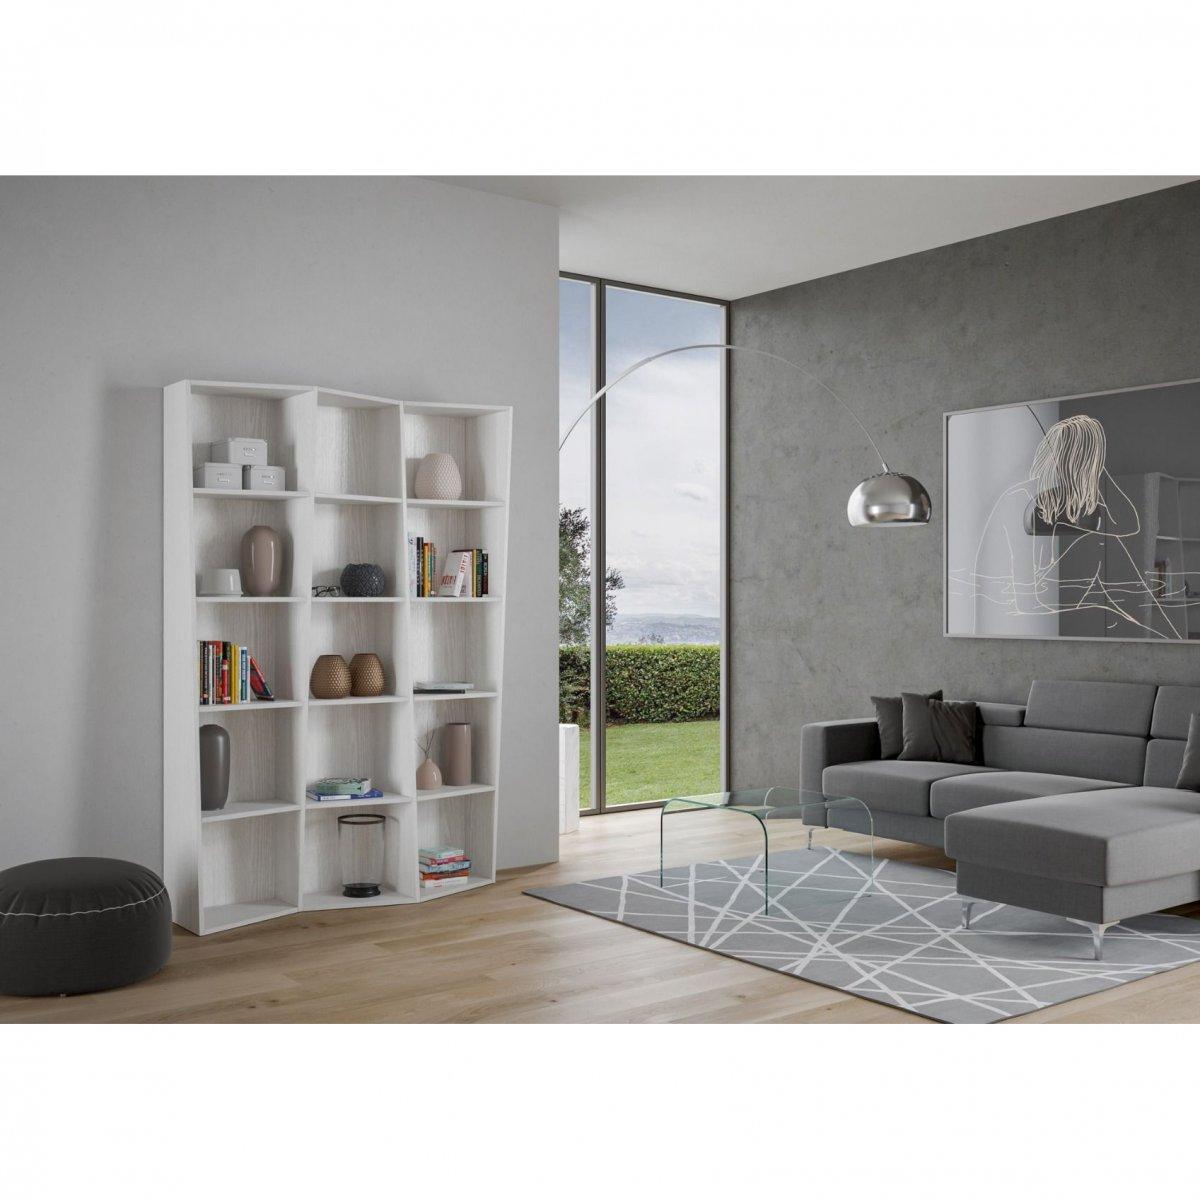 Itamoby Libreria Trek 3 in legno Bianco Frassino